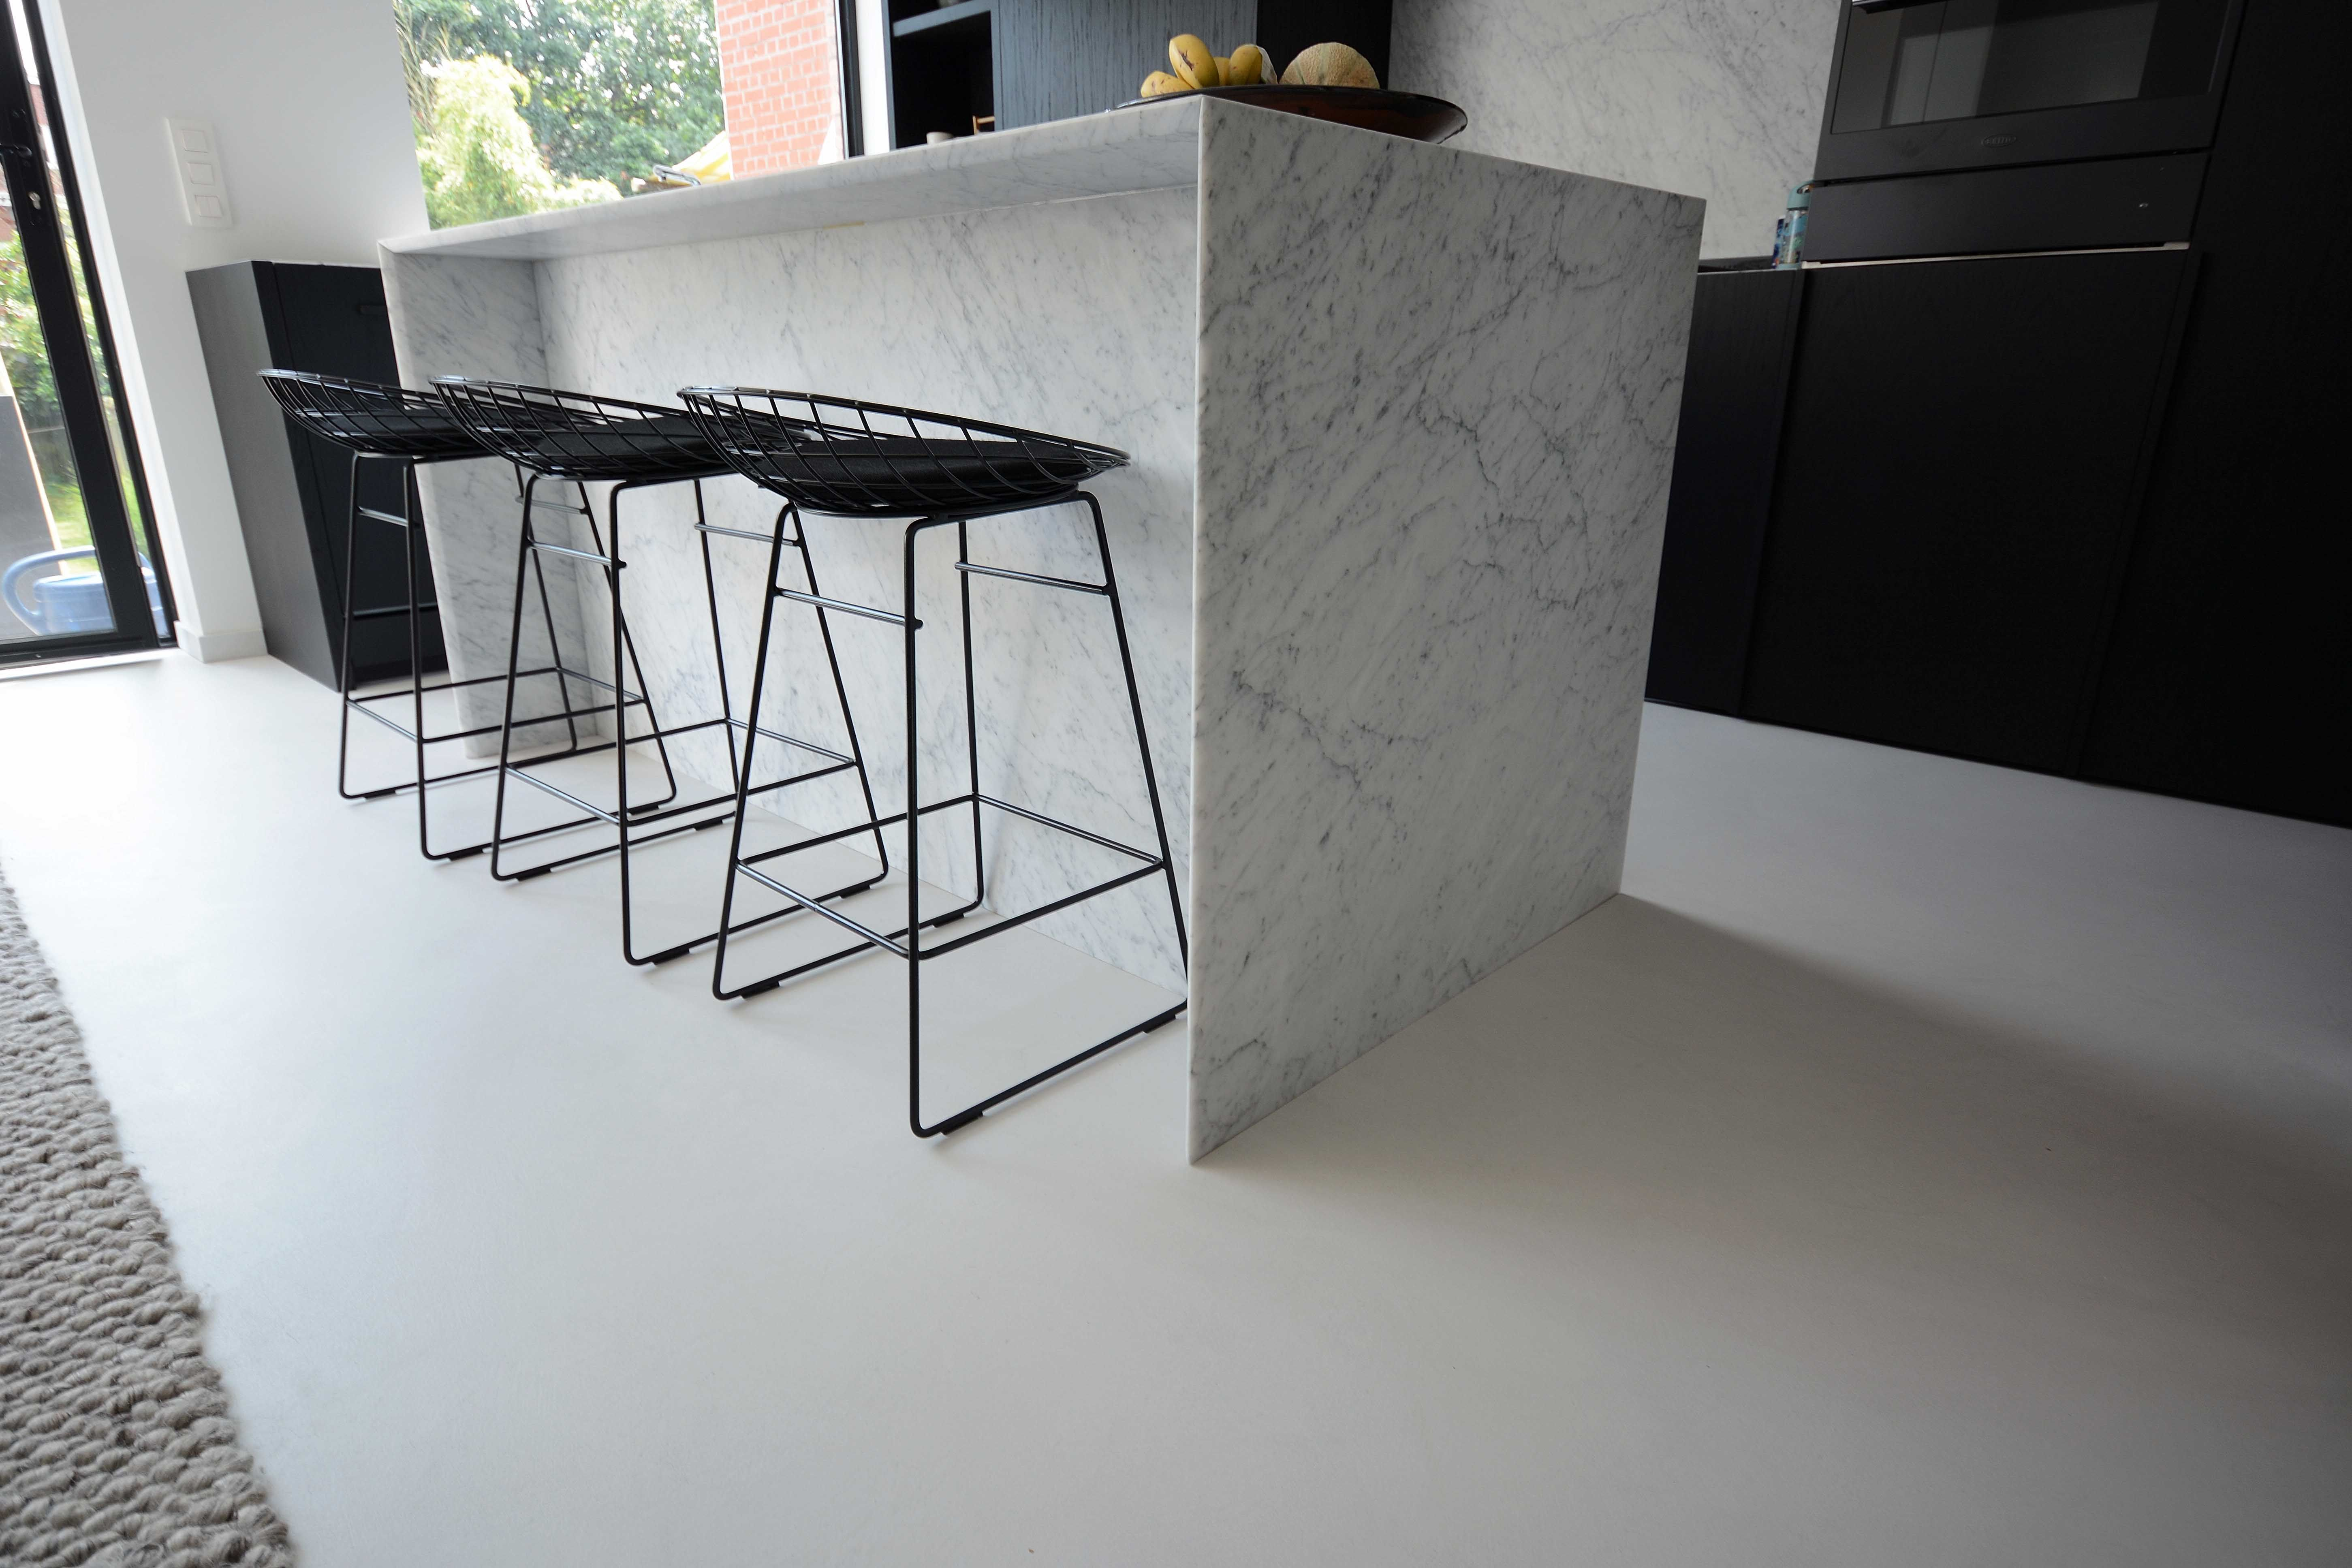 Stoopen meeûs stuc deco floor belgian tadelakt flemish beton